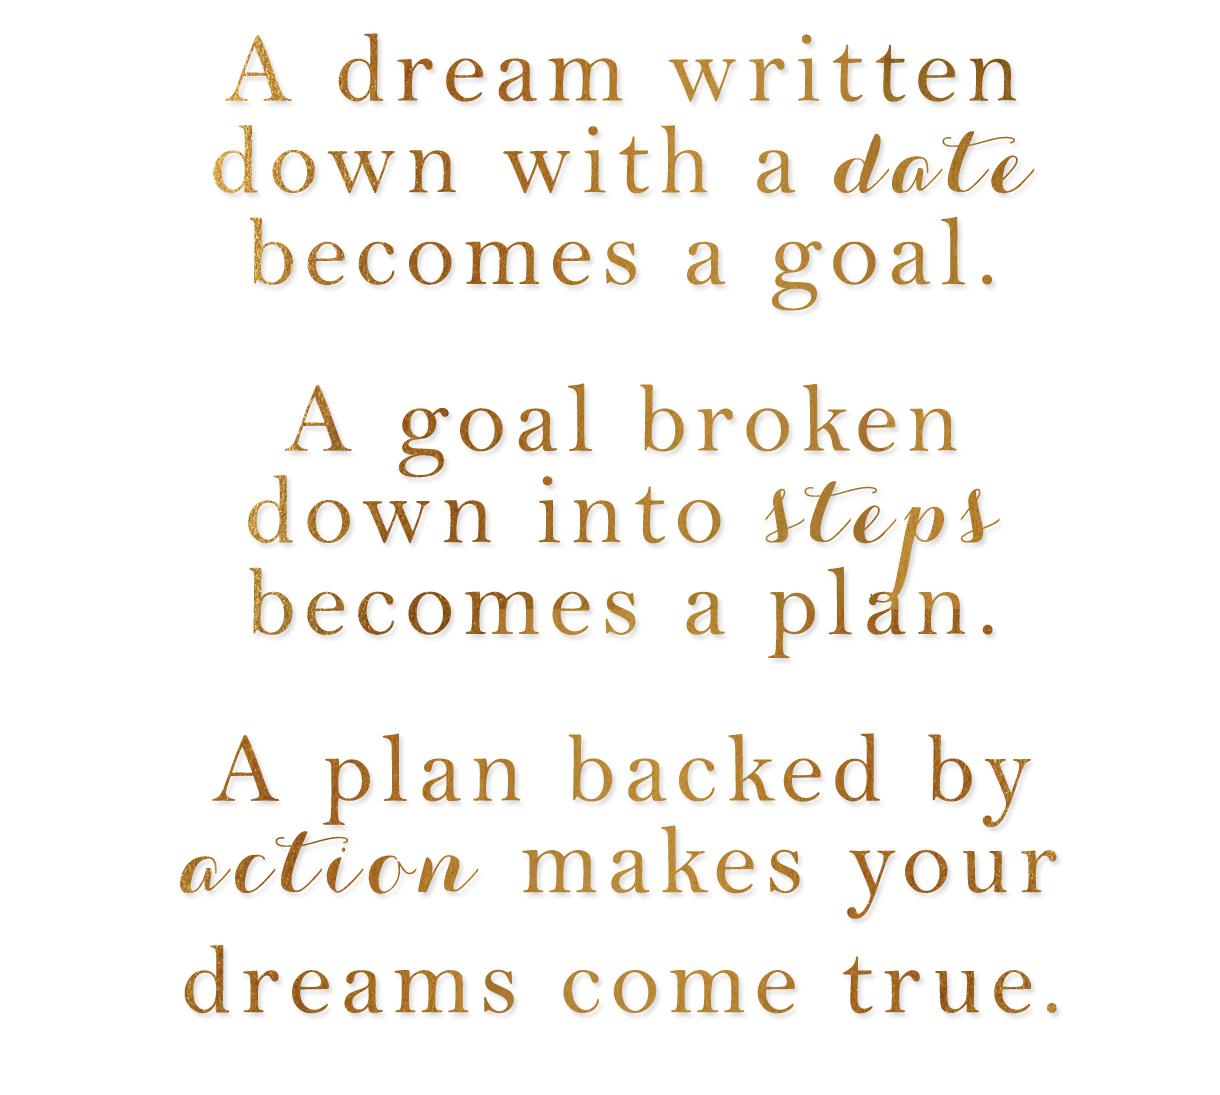 Quotes On Dreams Come True - Future Quotes